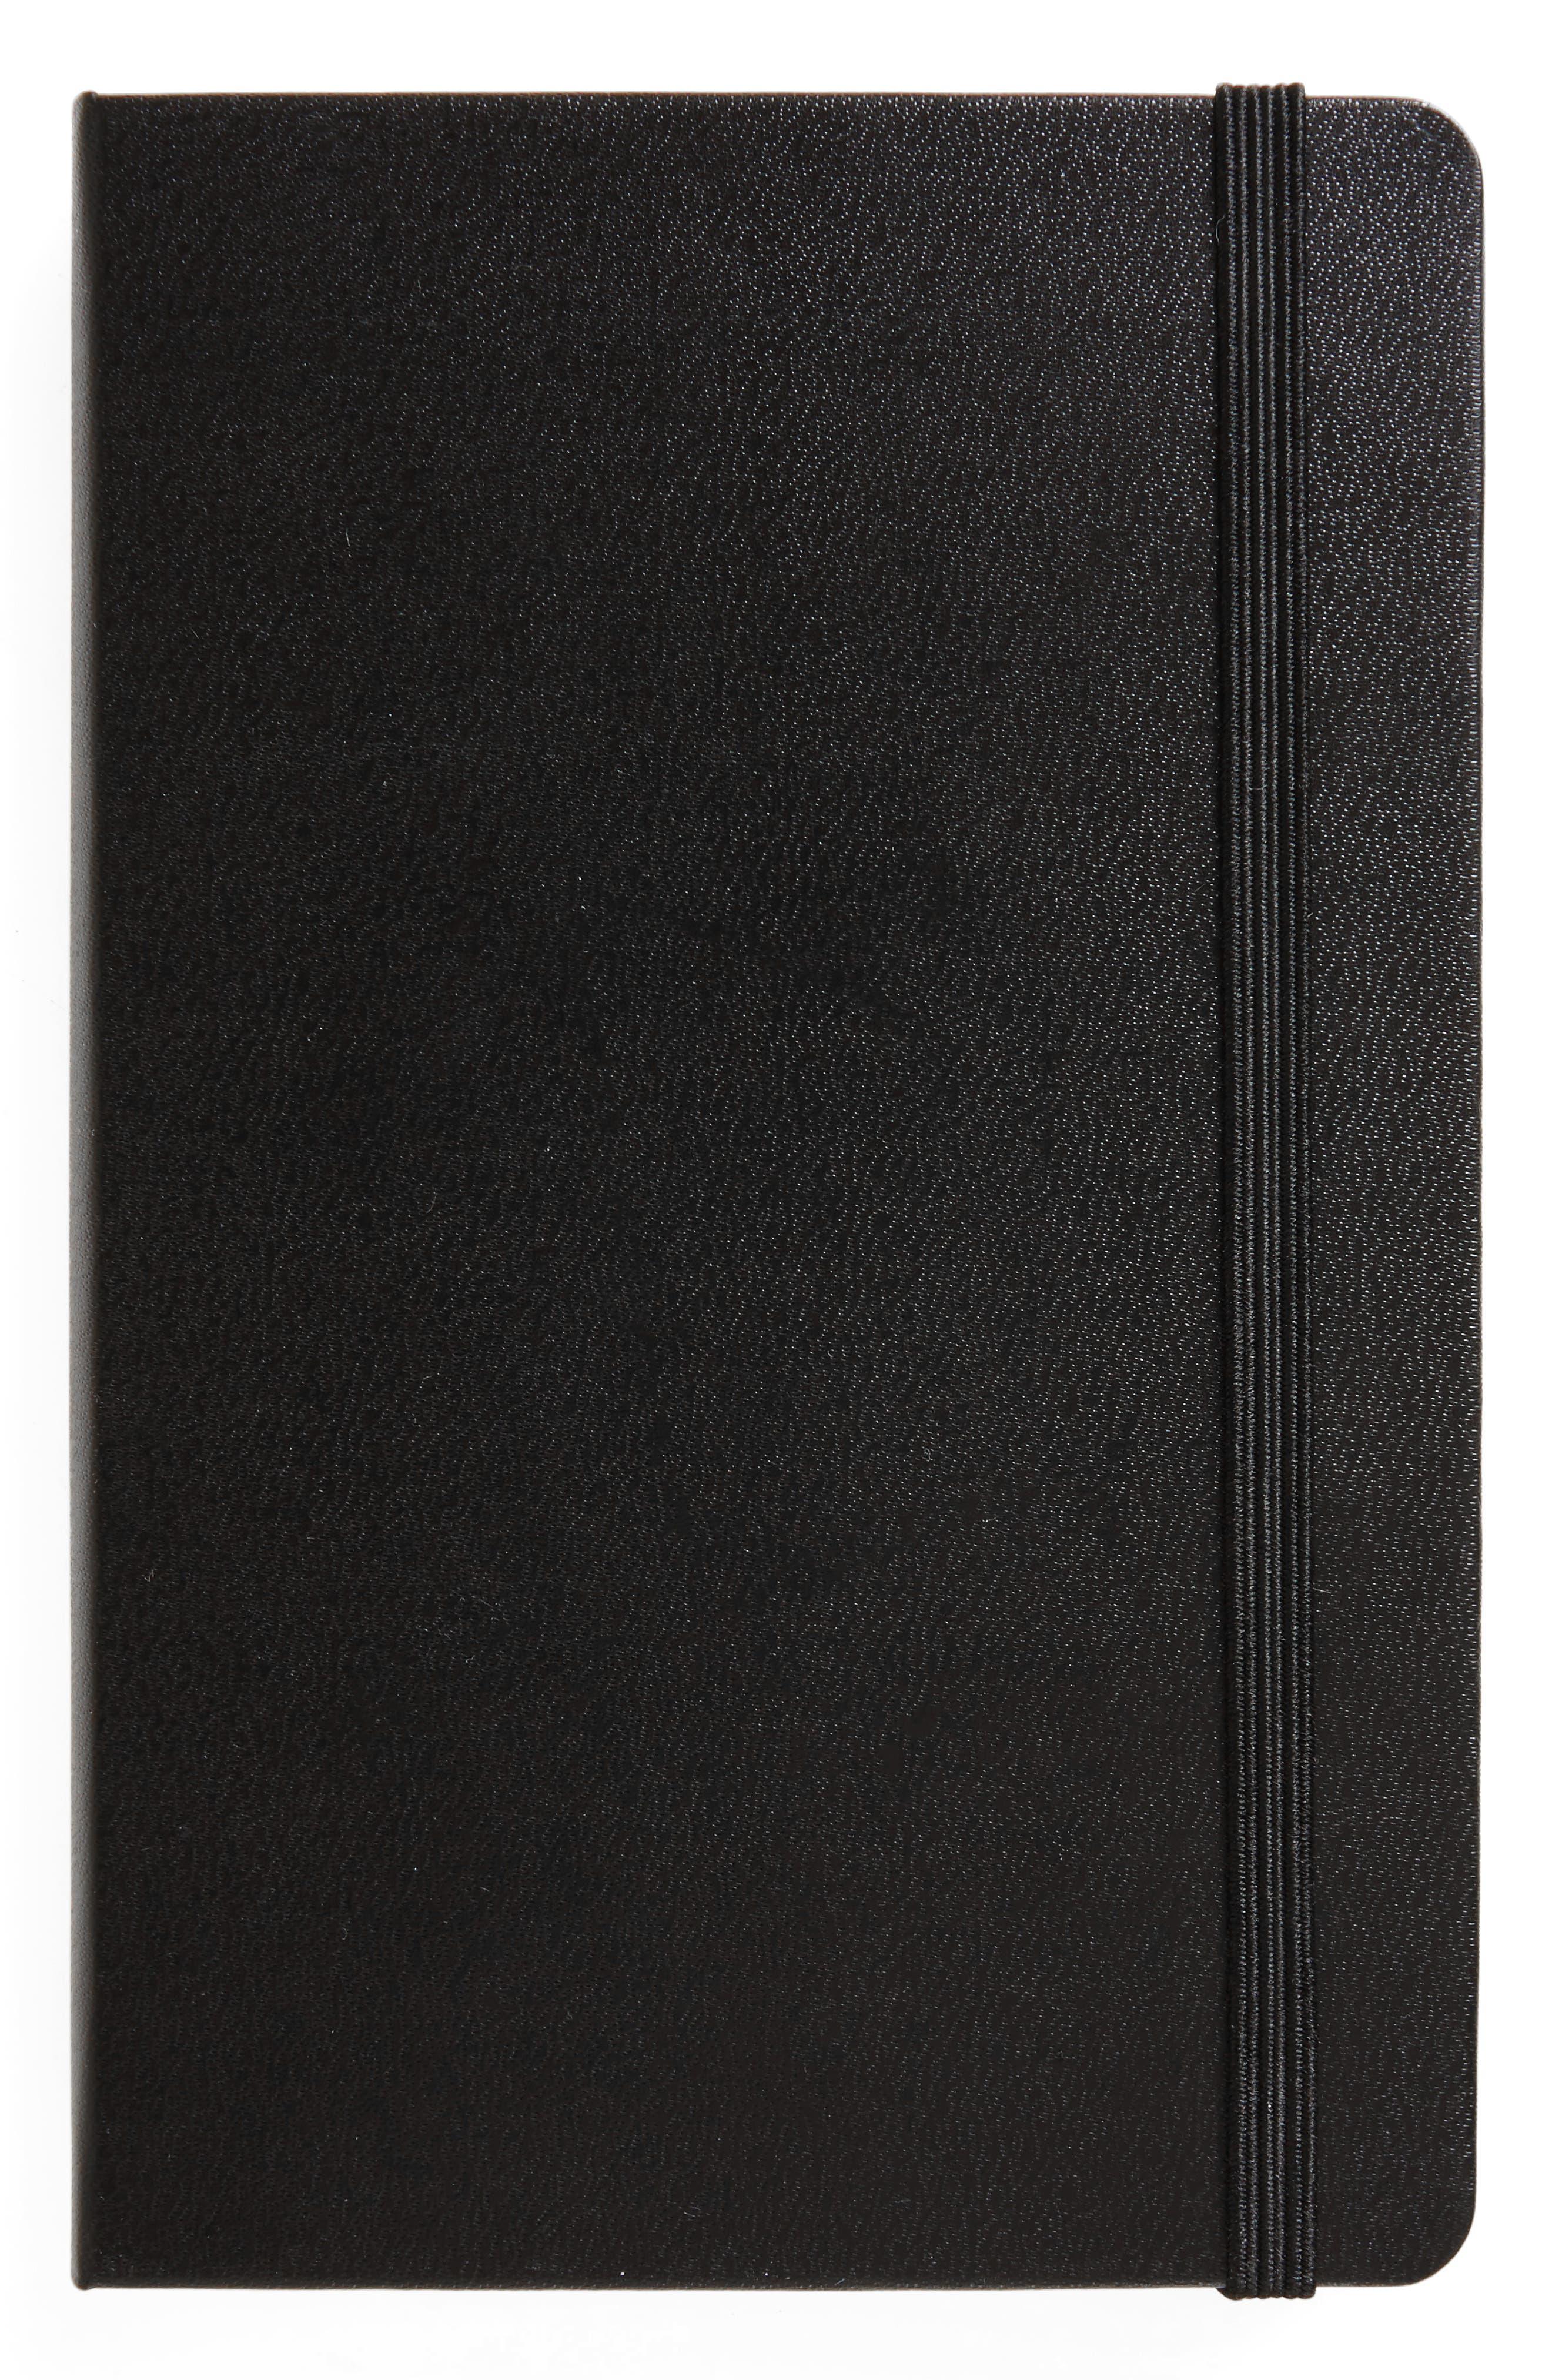 Main Image - Moleskine Classic Ruled Pocket Hardcover Notebook